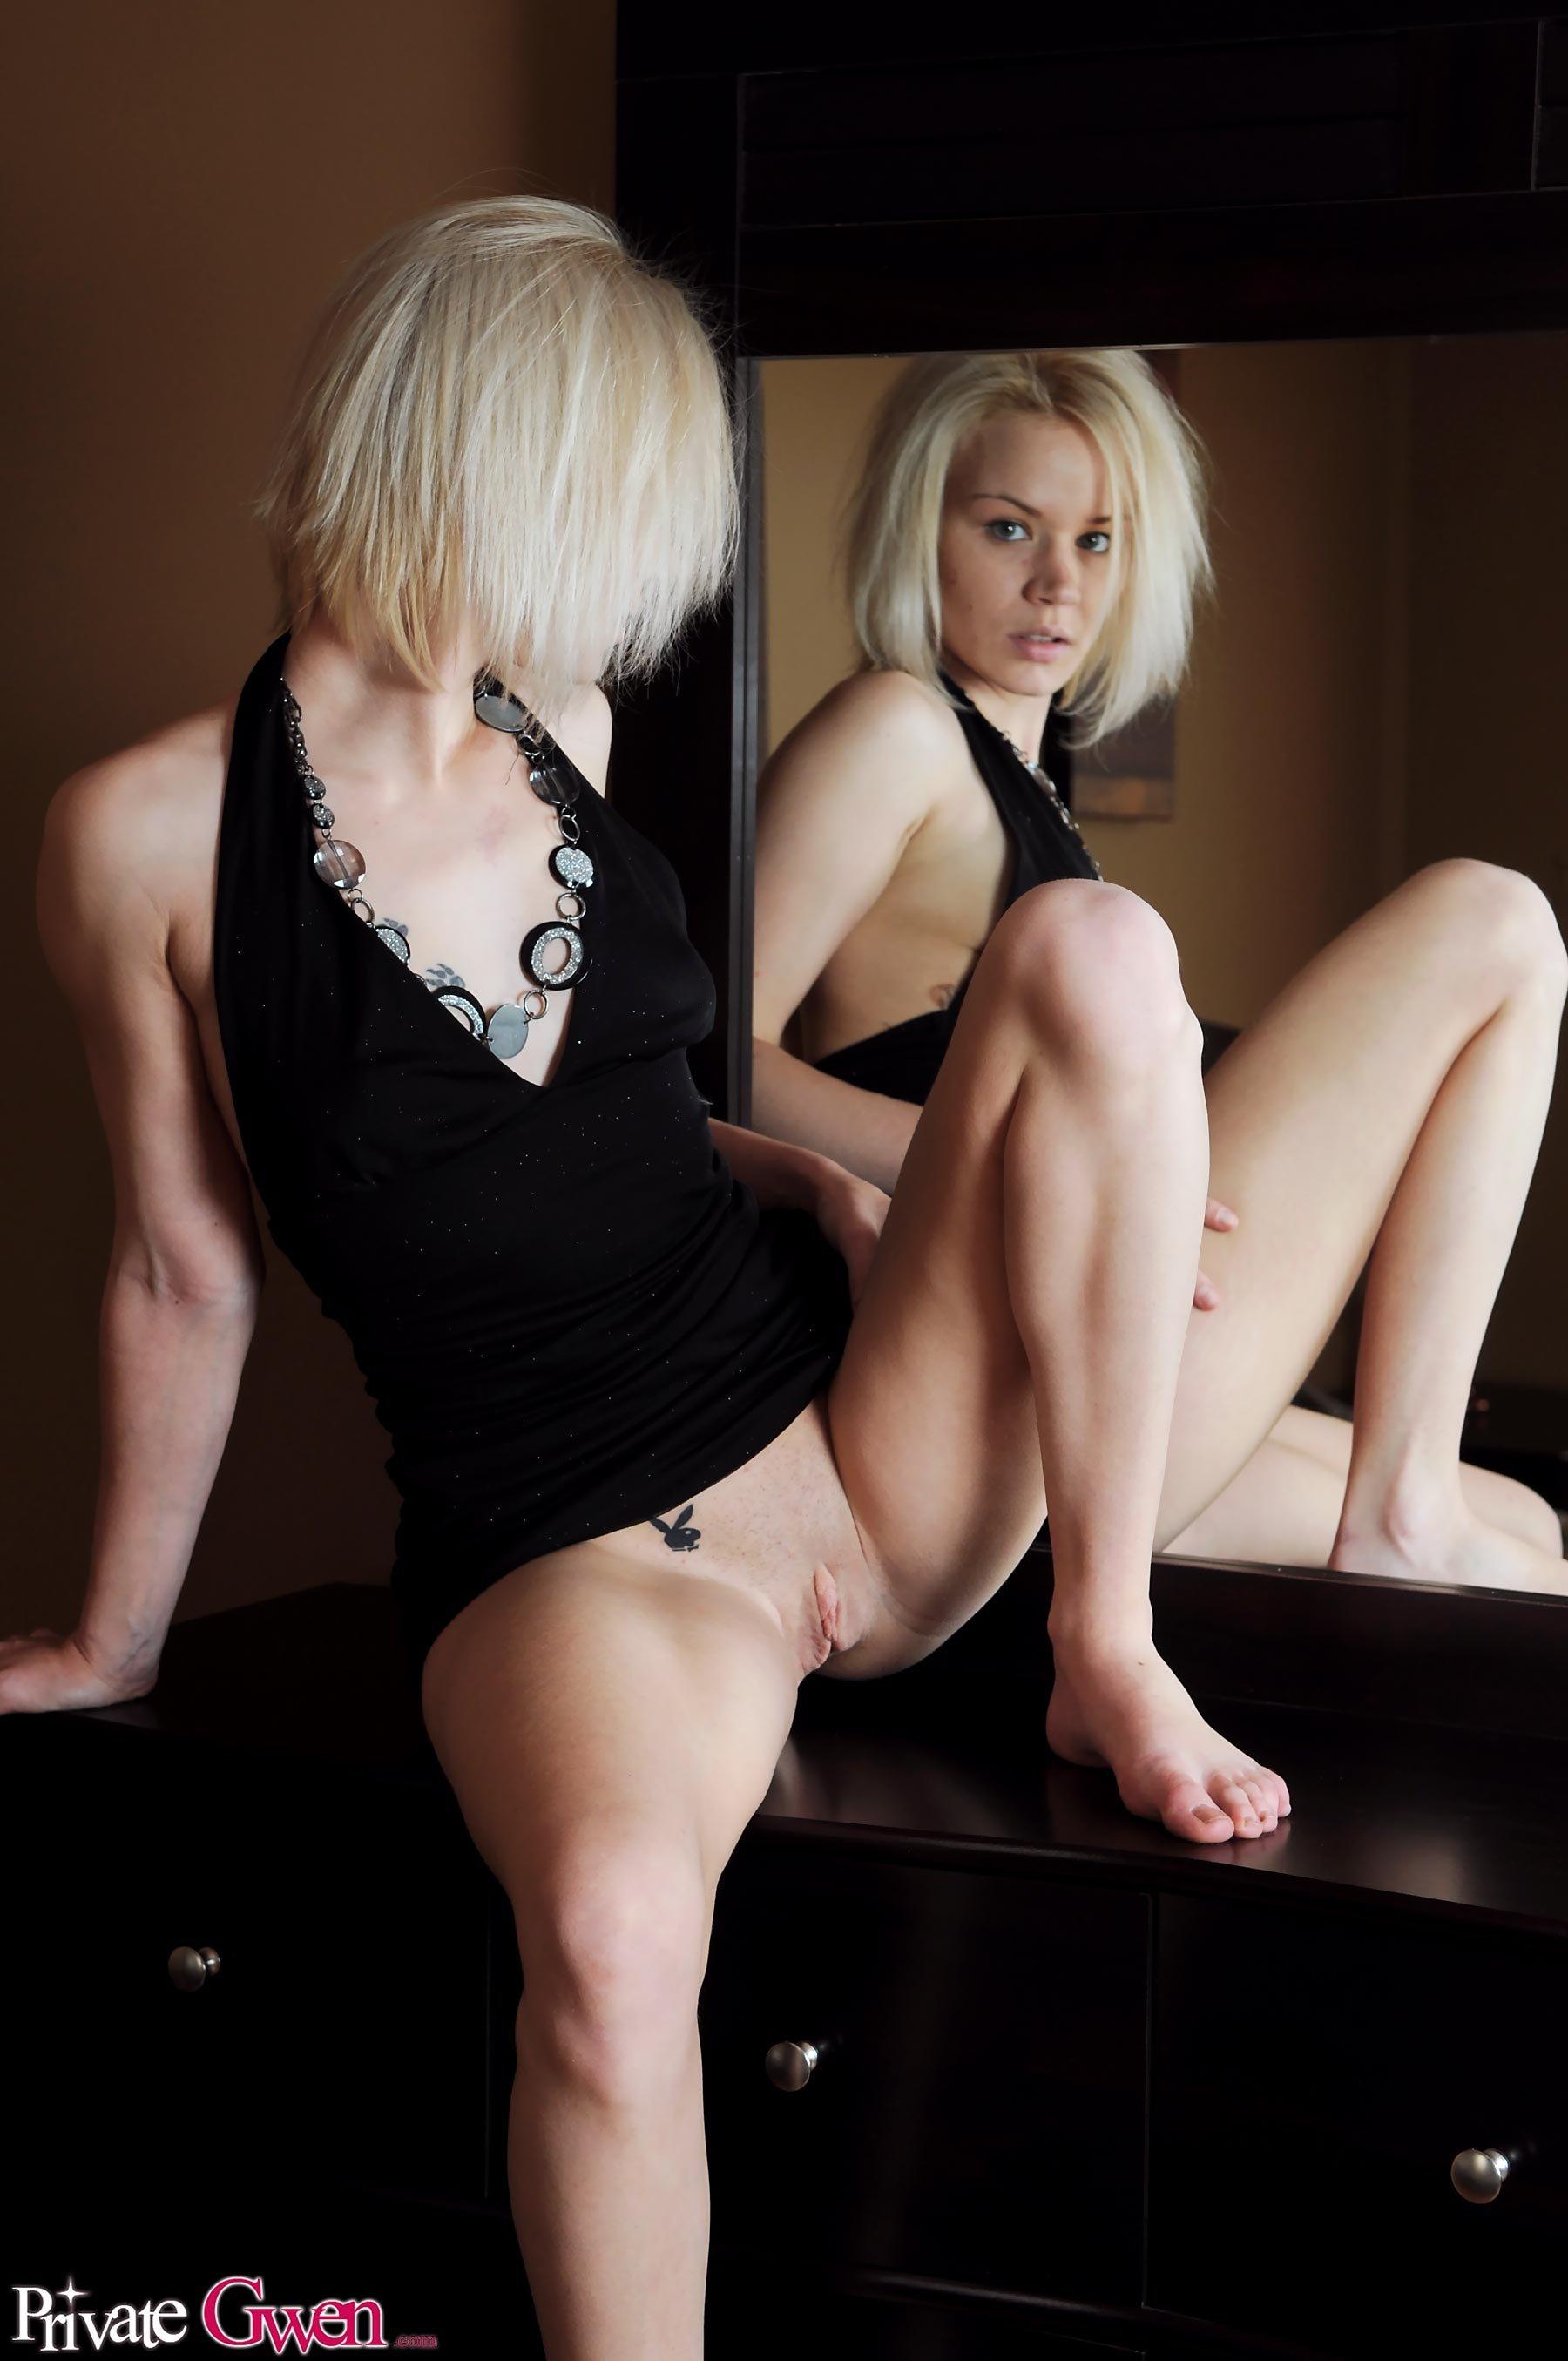 Короткие волосы - Фото галерея 773590